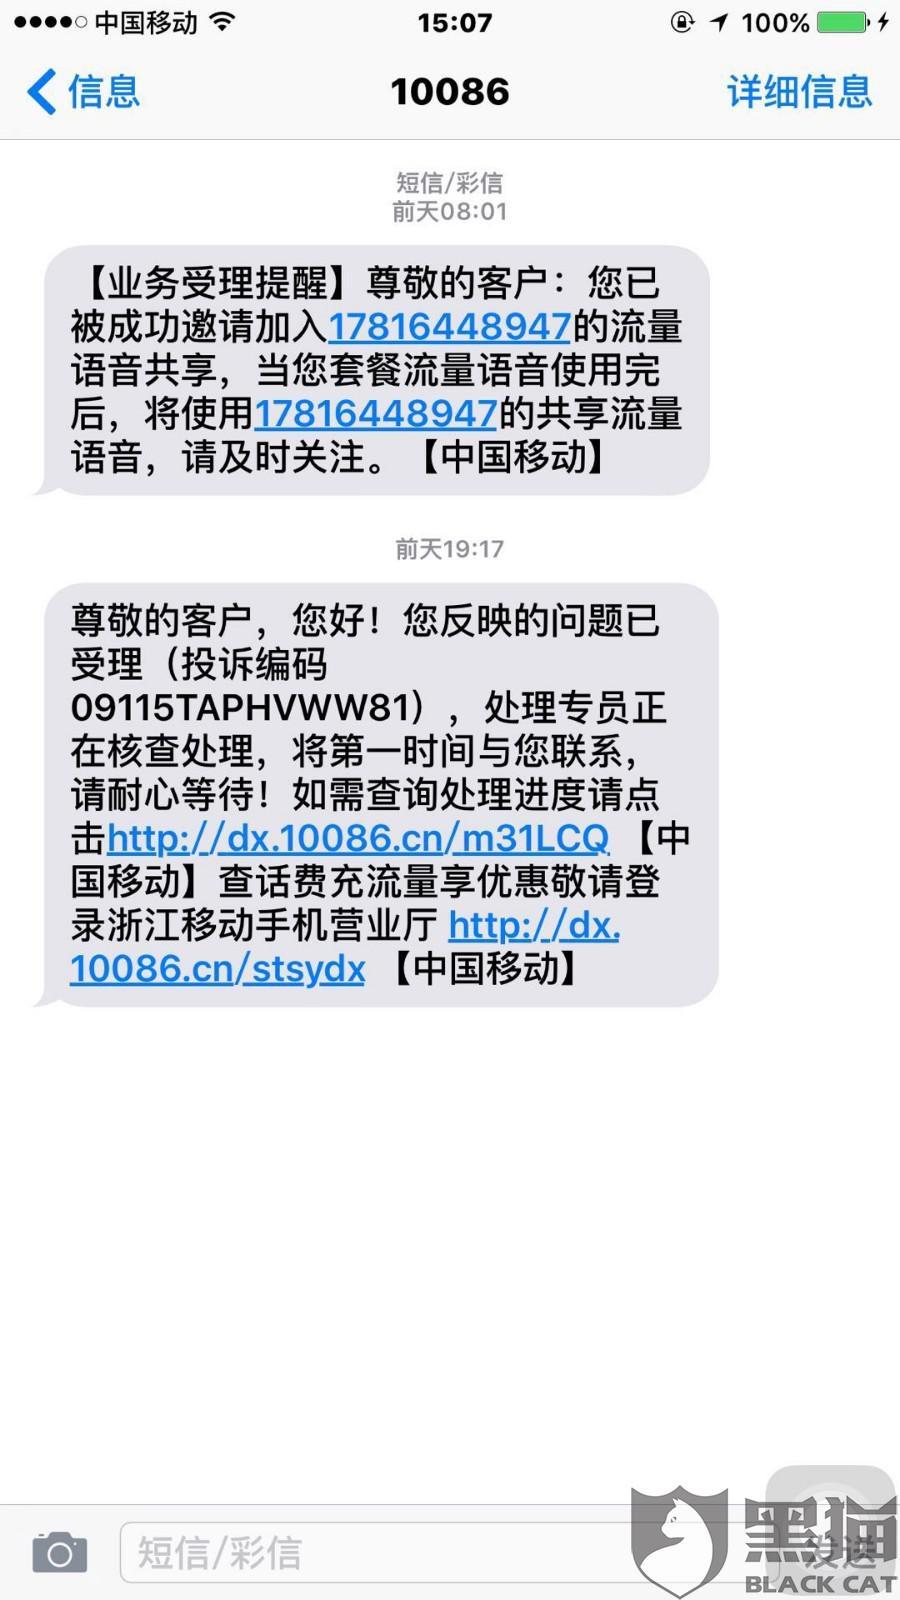 黑猫投诉:中国移动包庇经销代理商侵犯个人权益